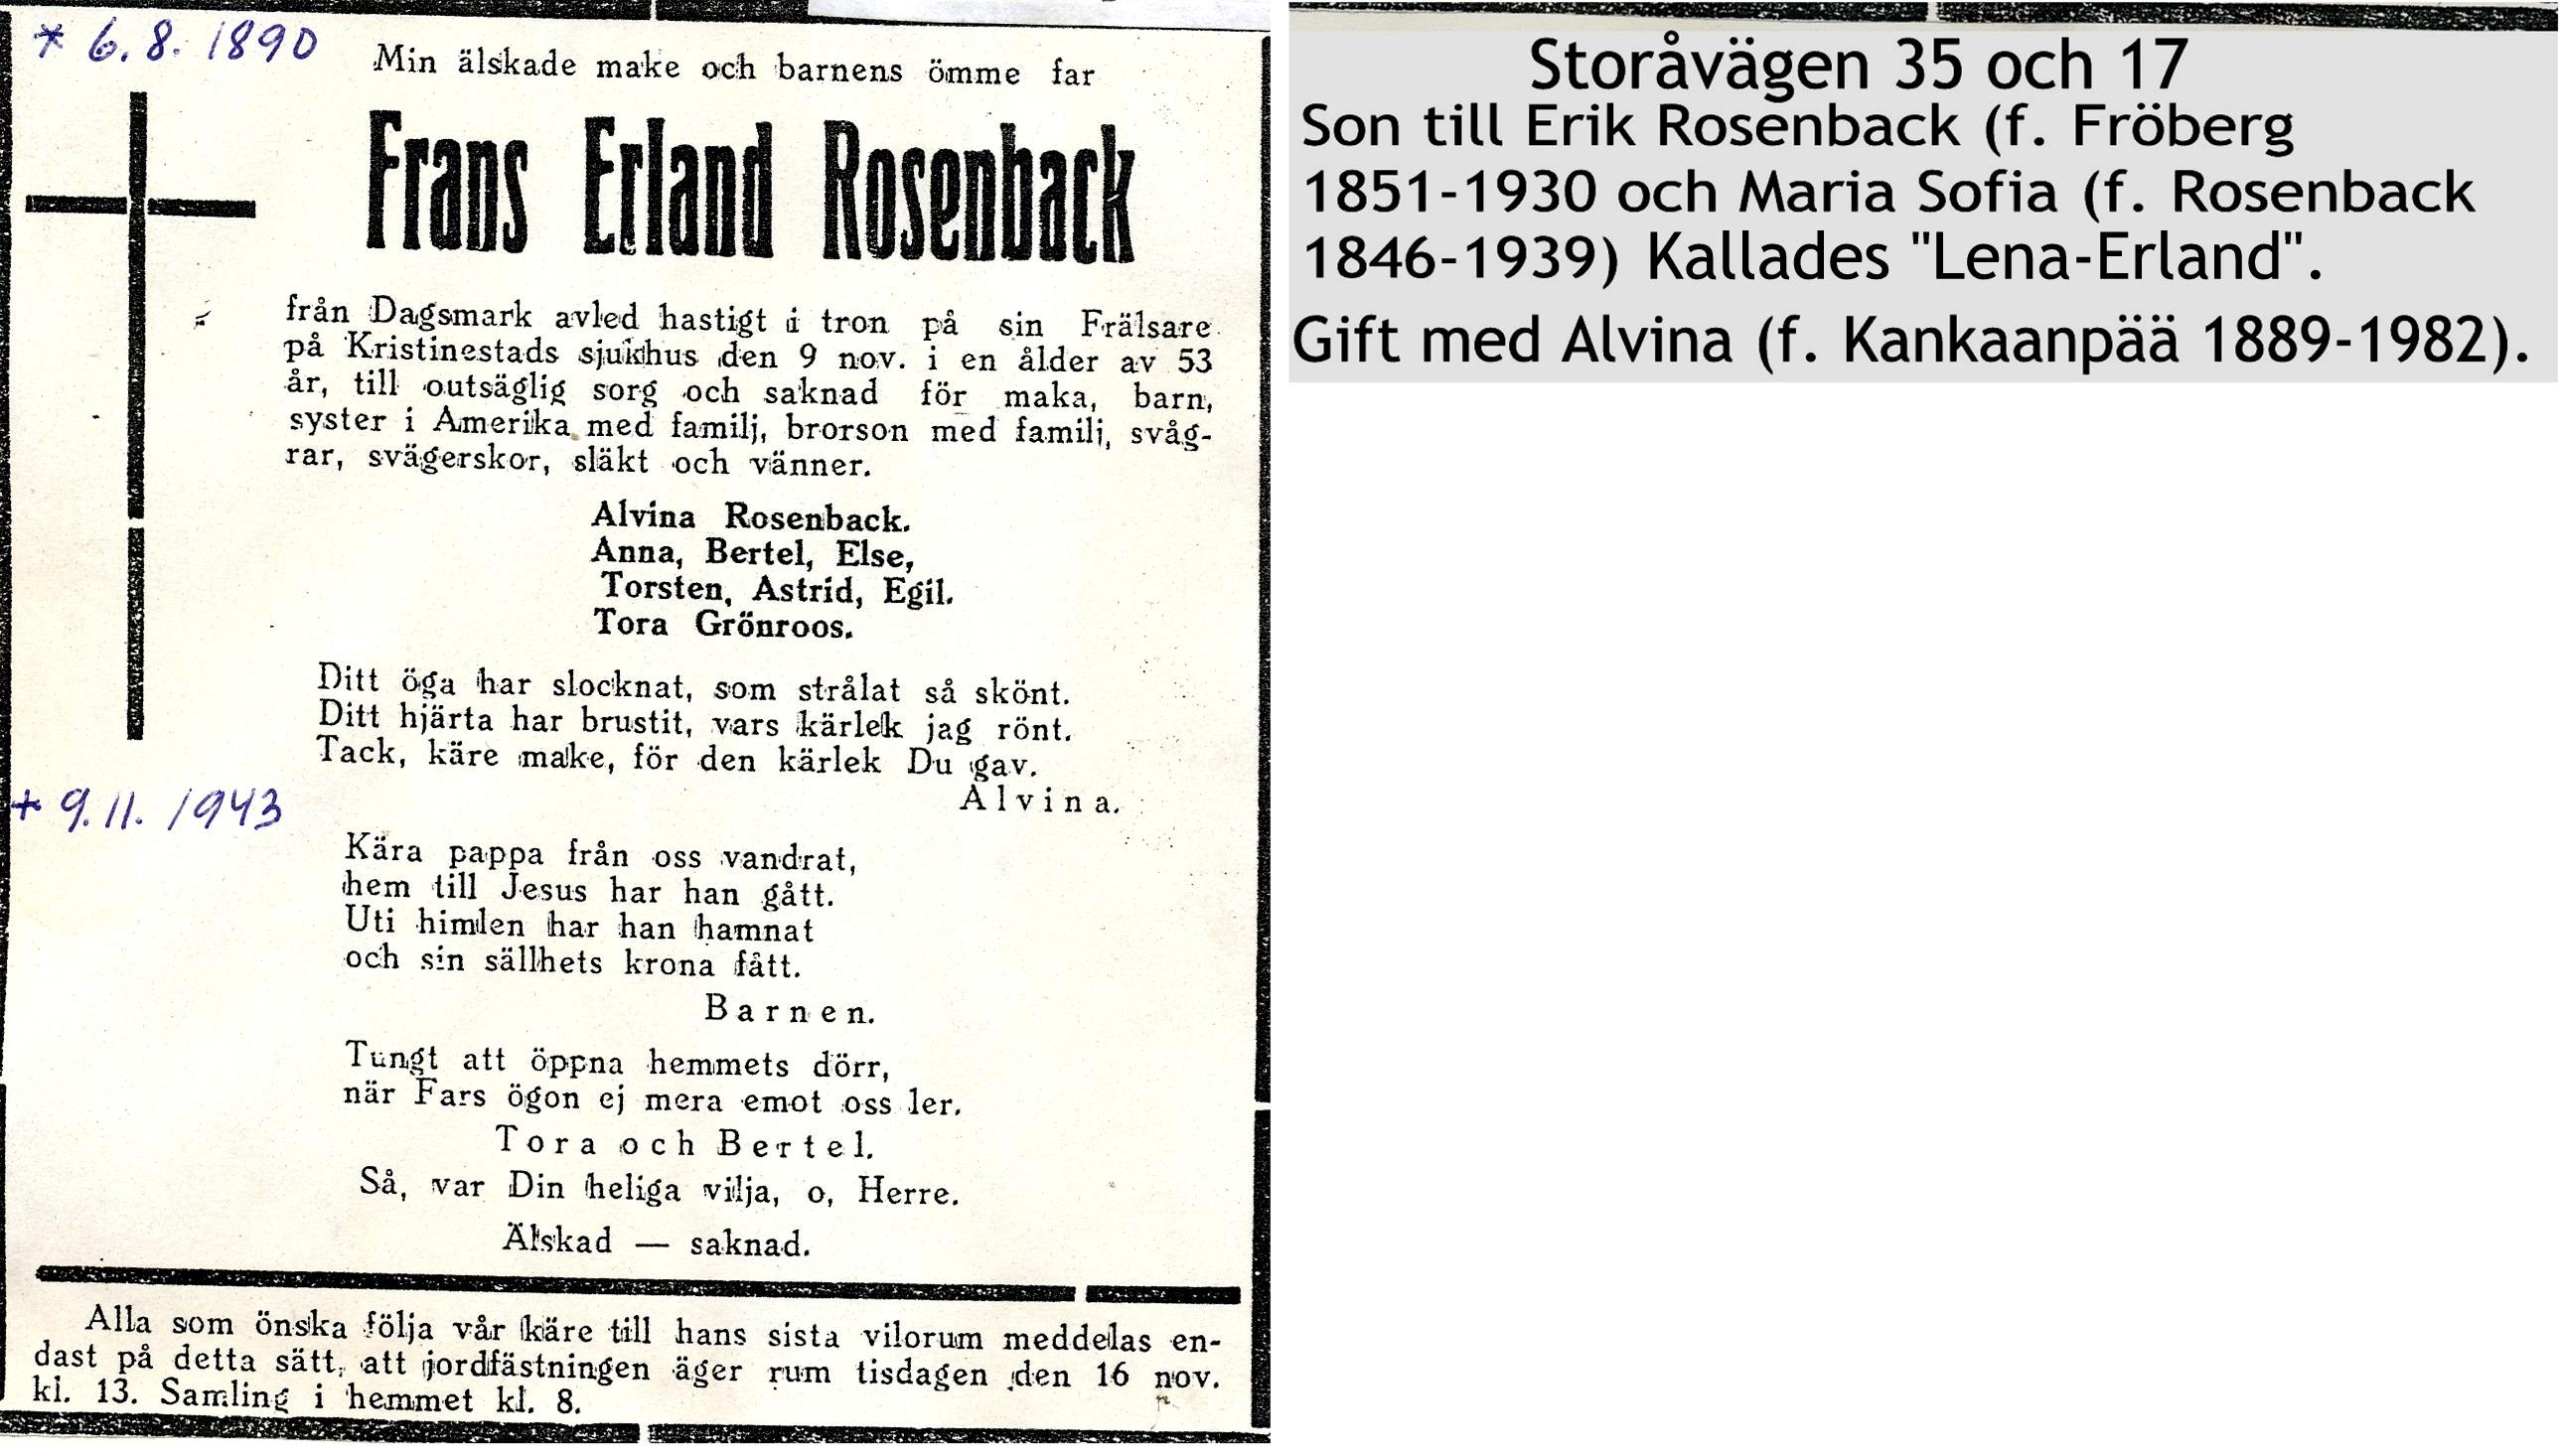 Rosenback Frans Erland